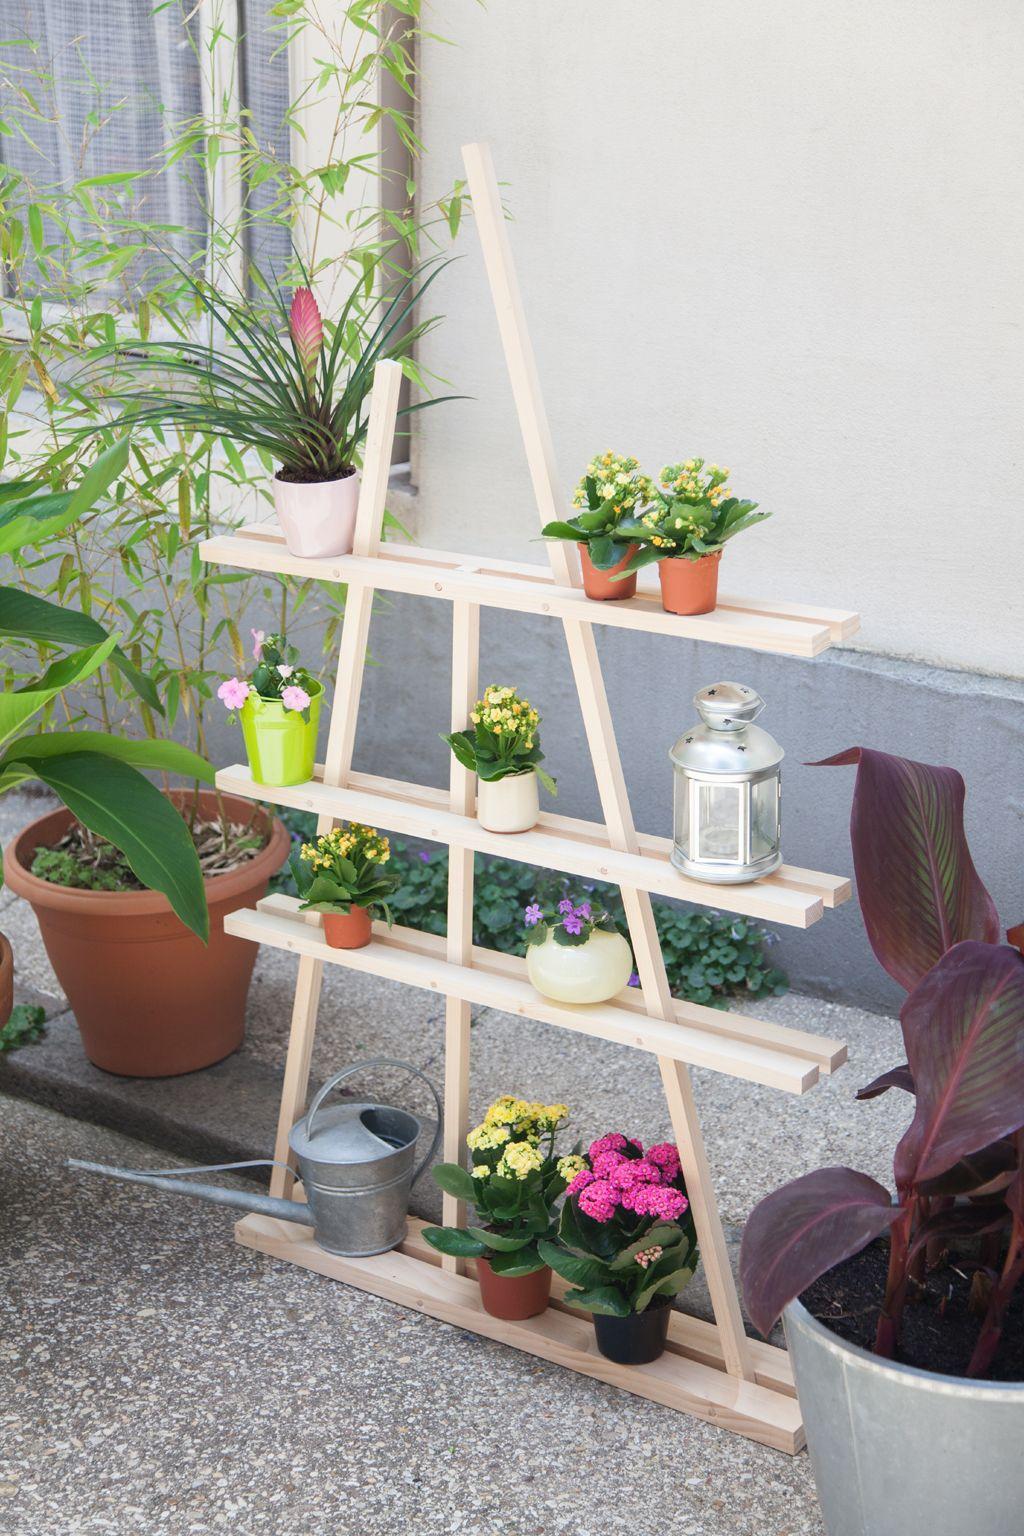 Fabriquer Une Étagère Pour Plantes faire une etagere pour plantes tasso   etagere plante, faire